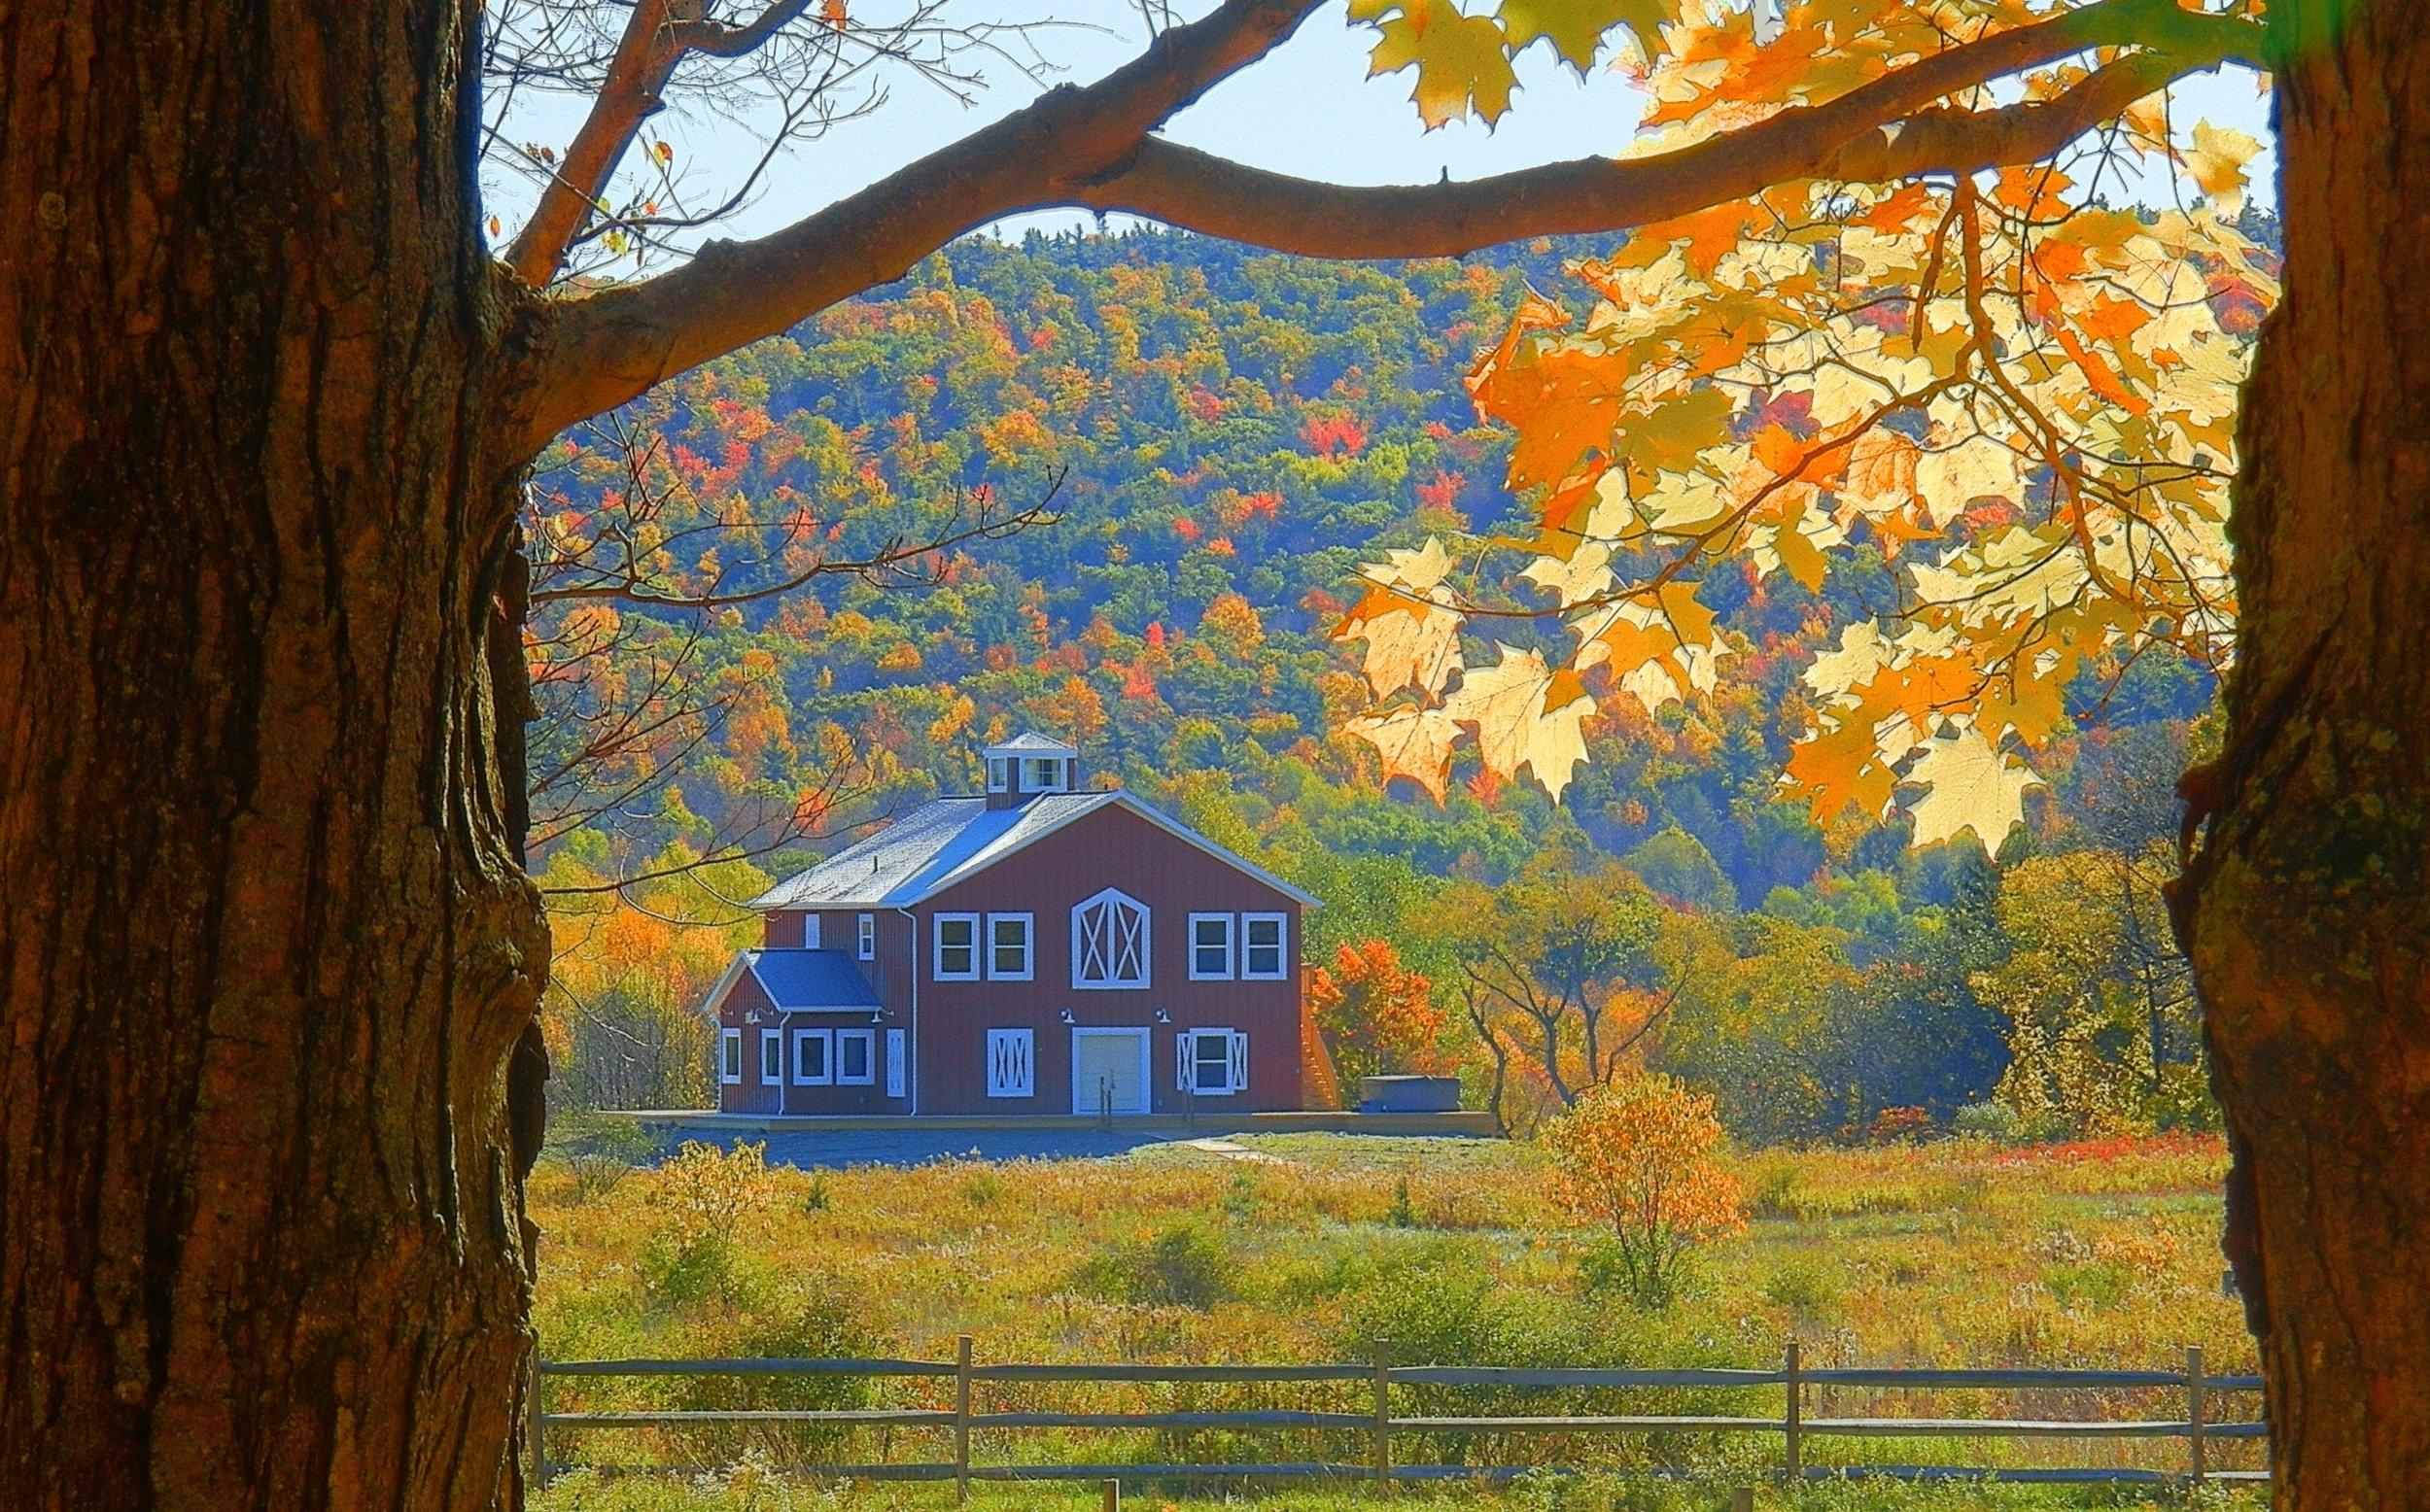 Mountain Horse Farm